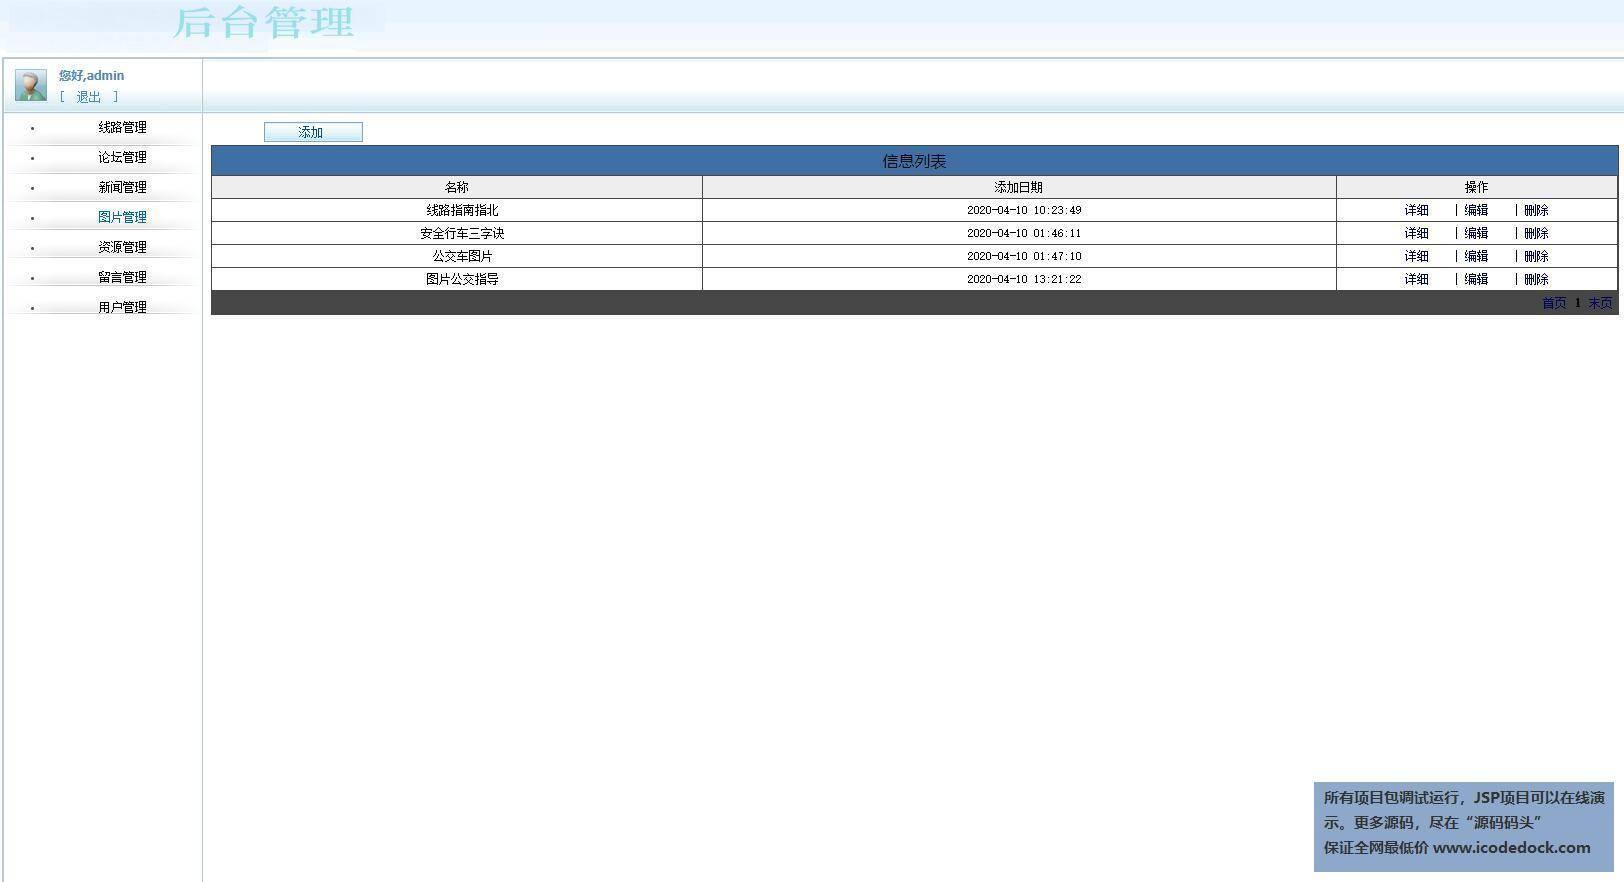 源码码头-SSH公交路线查询网站系统-管理员角色-图片管理